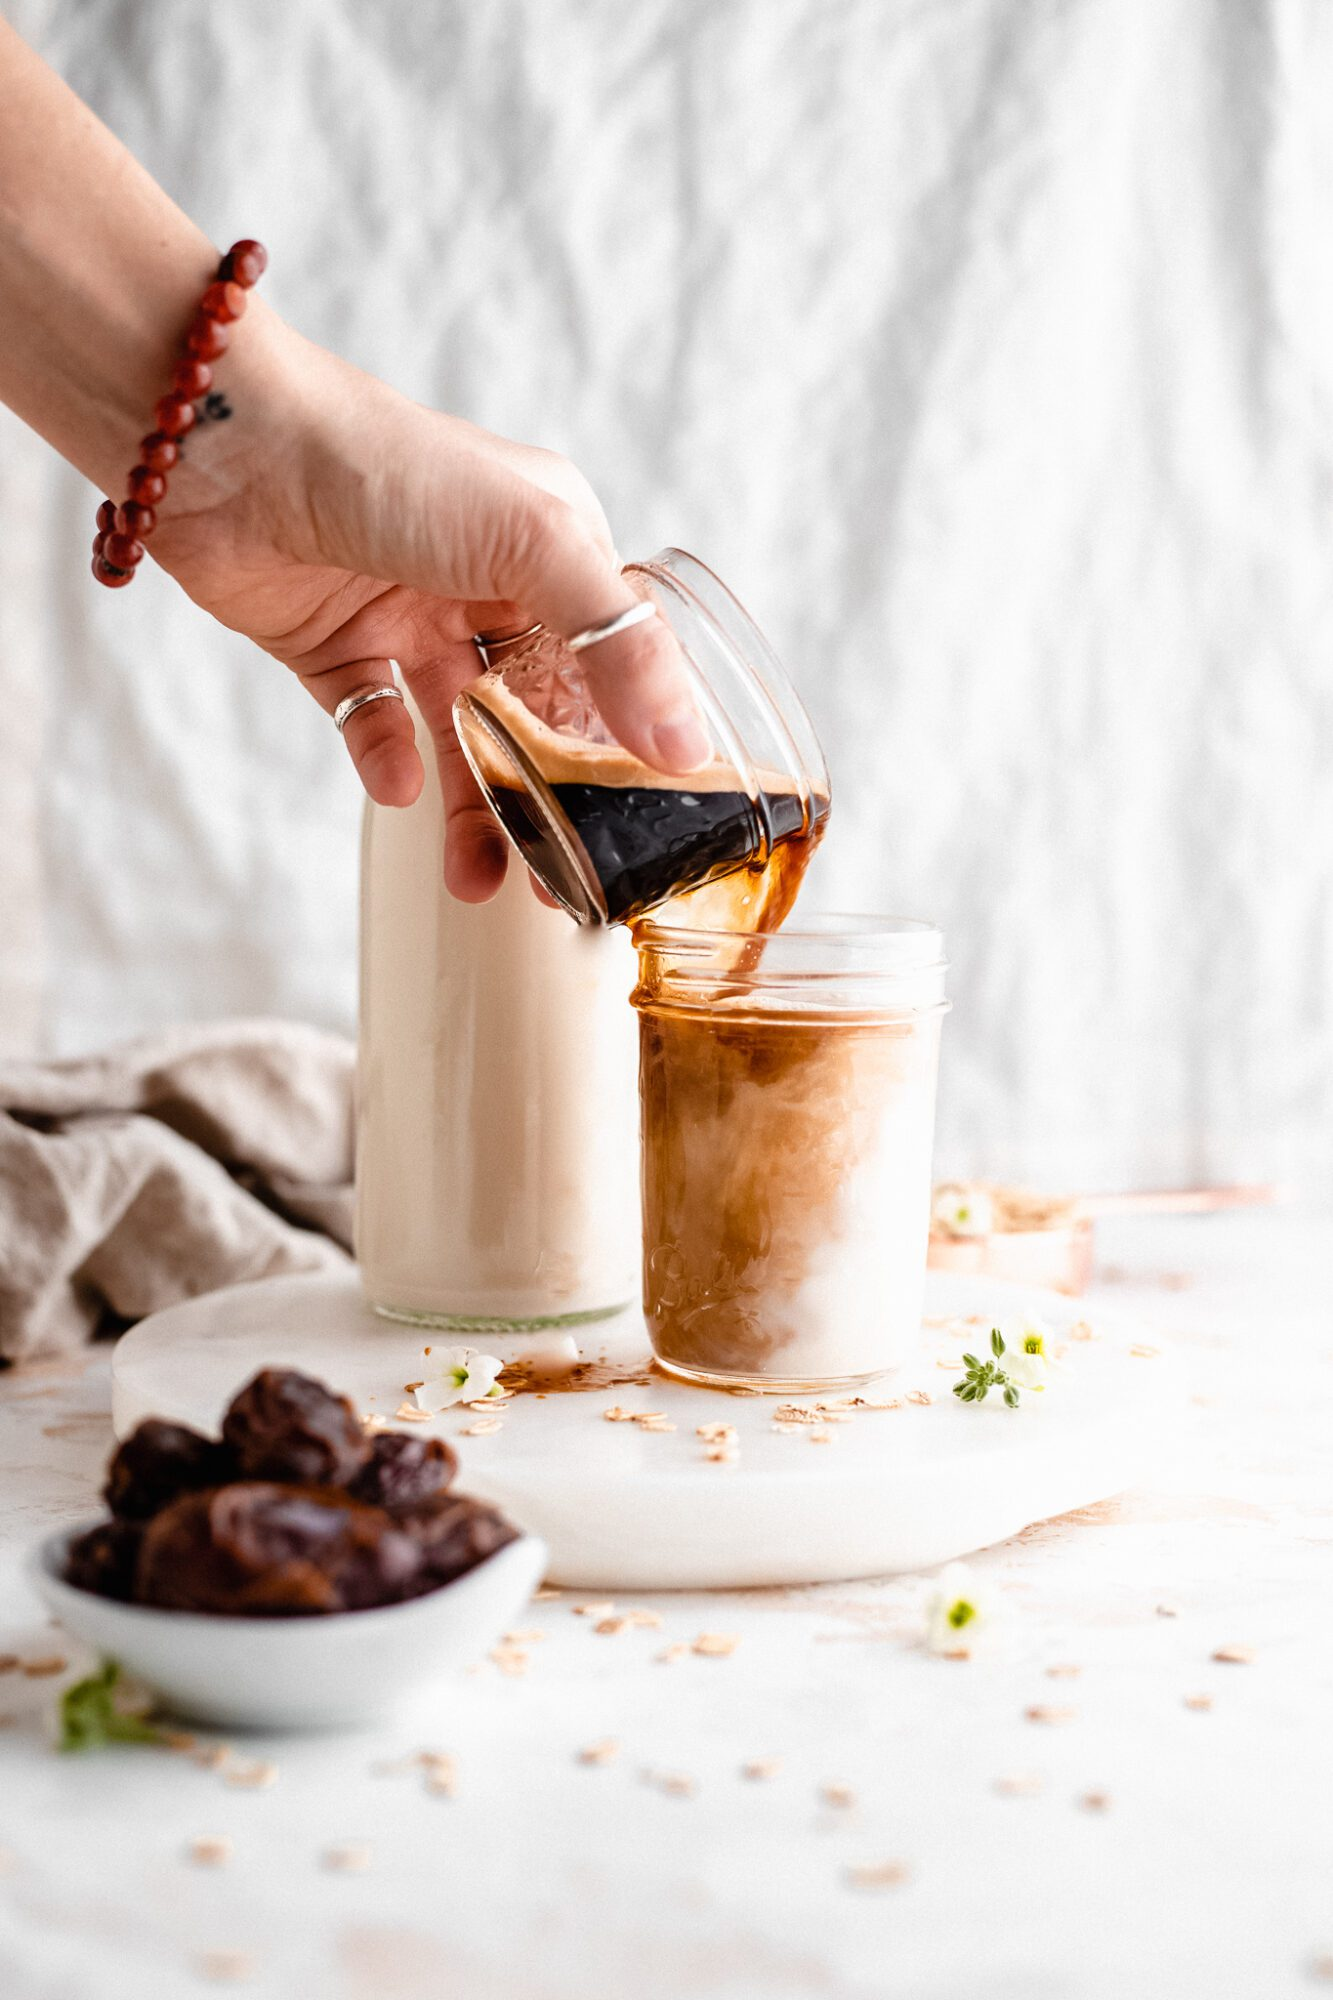 hand pouring espresso shot